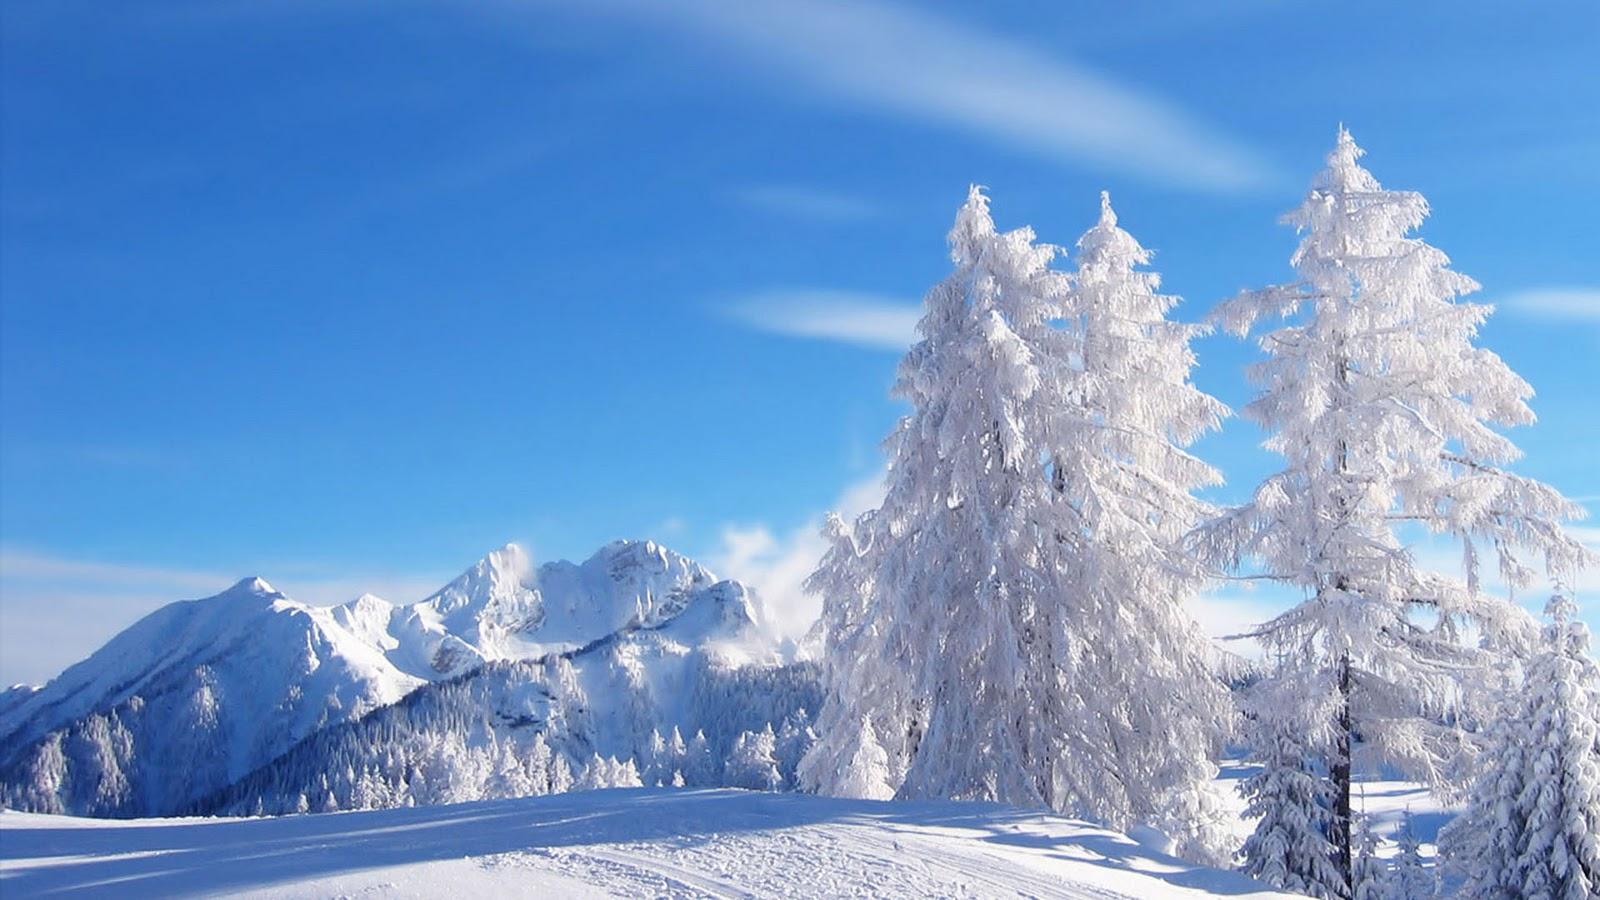 Vremea se încălzeşte de duminică,  însă nu vom avea zăpadă de Crăciun